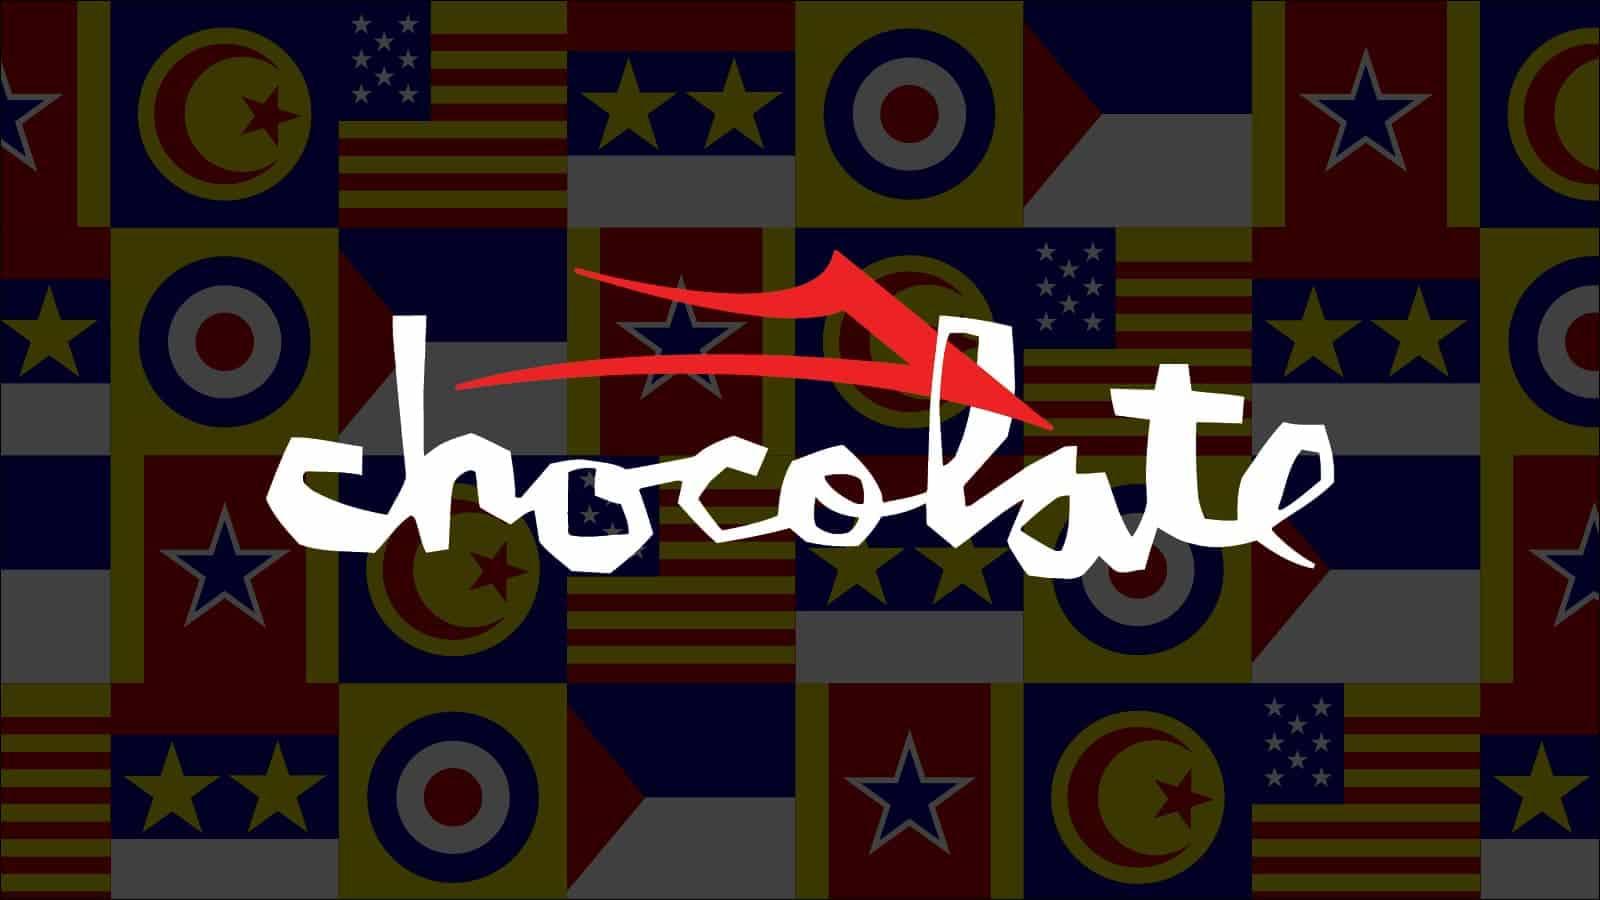 las mejores zapatillas de skate: lakai x chocolate